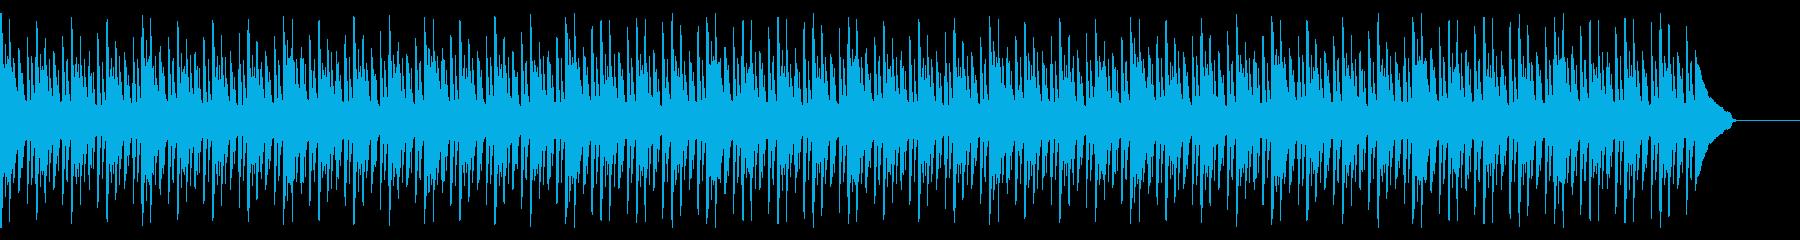 企業VPに 爽やかで明るいピアノメインの再生済みの波形